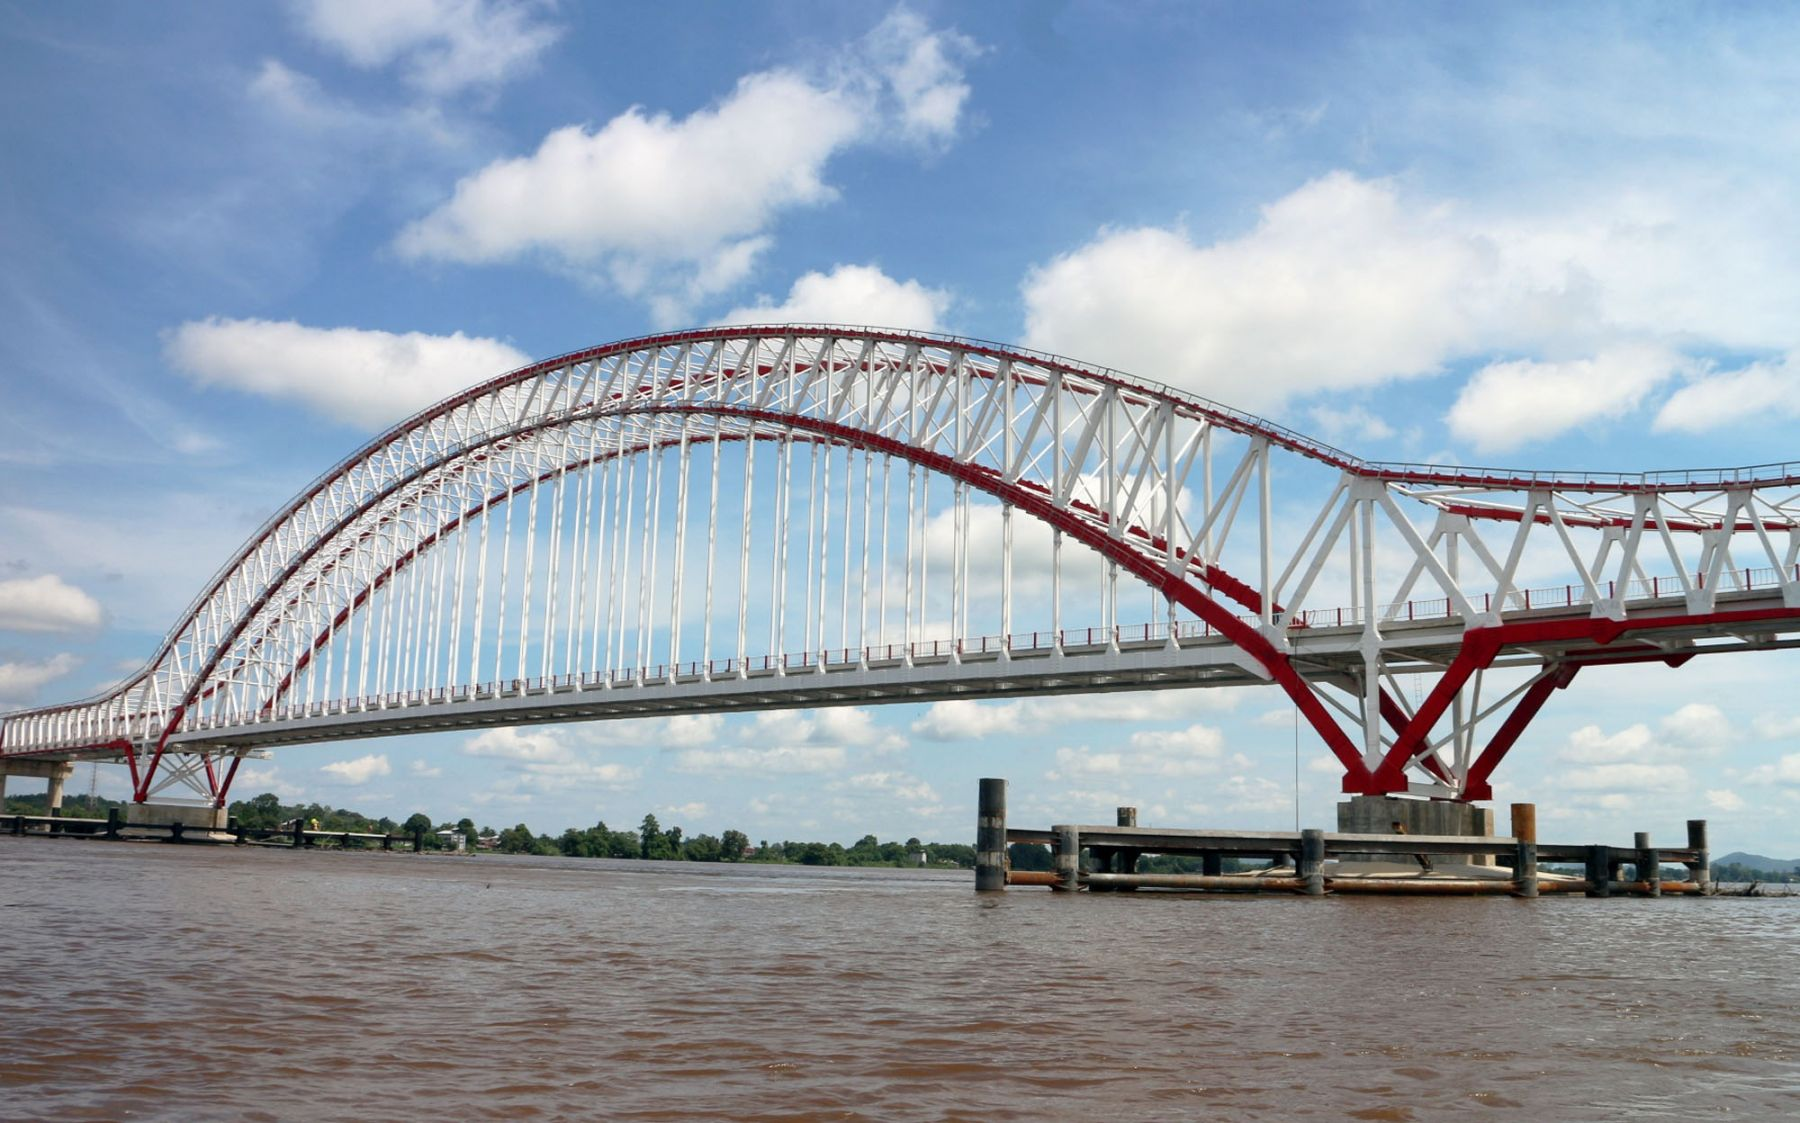 Menghubungkan Kalimantan Tengah dan Kalimantan Barat, jembatan megah ini merupakan bagian dari jalan Trans Kalimantan.